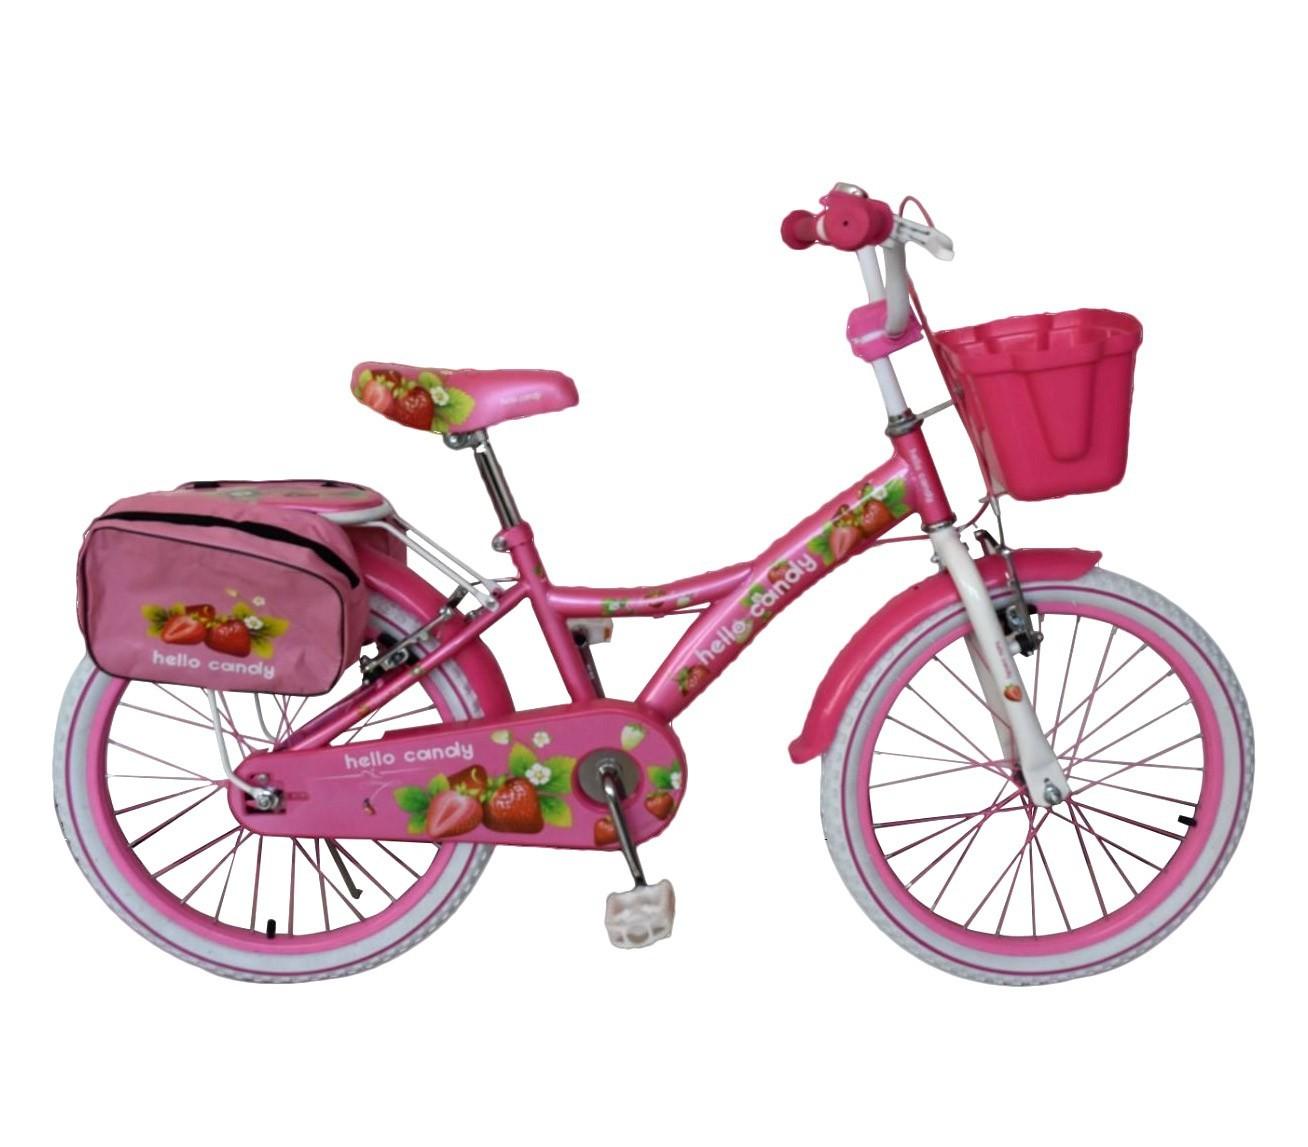 RS2009 Bicicleta para niña HELLO CANDY talla 20 marco en acero edad 6